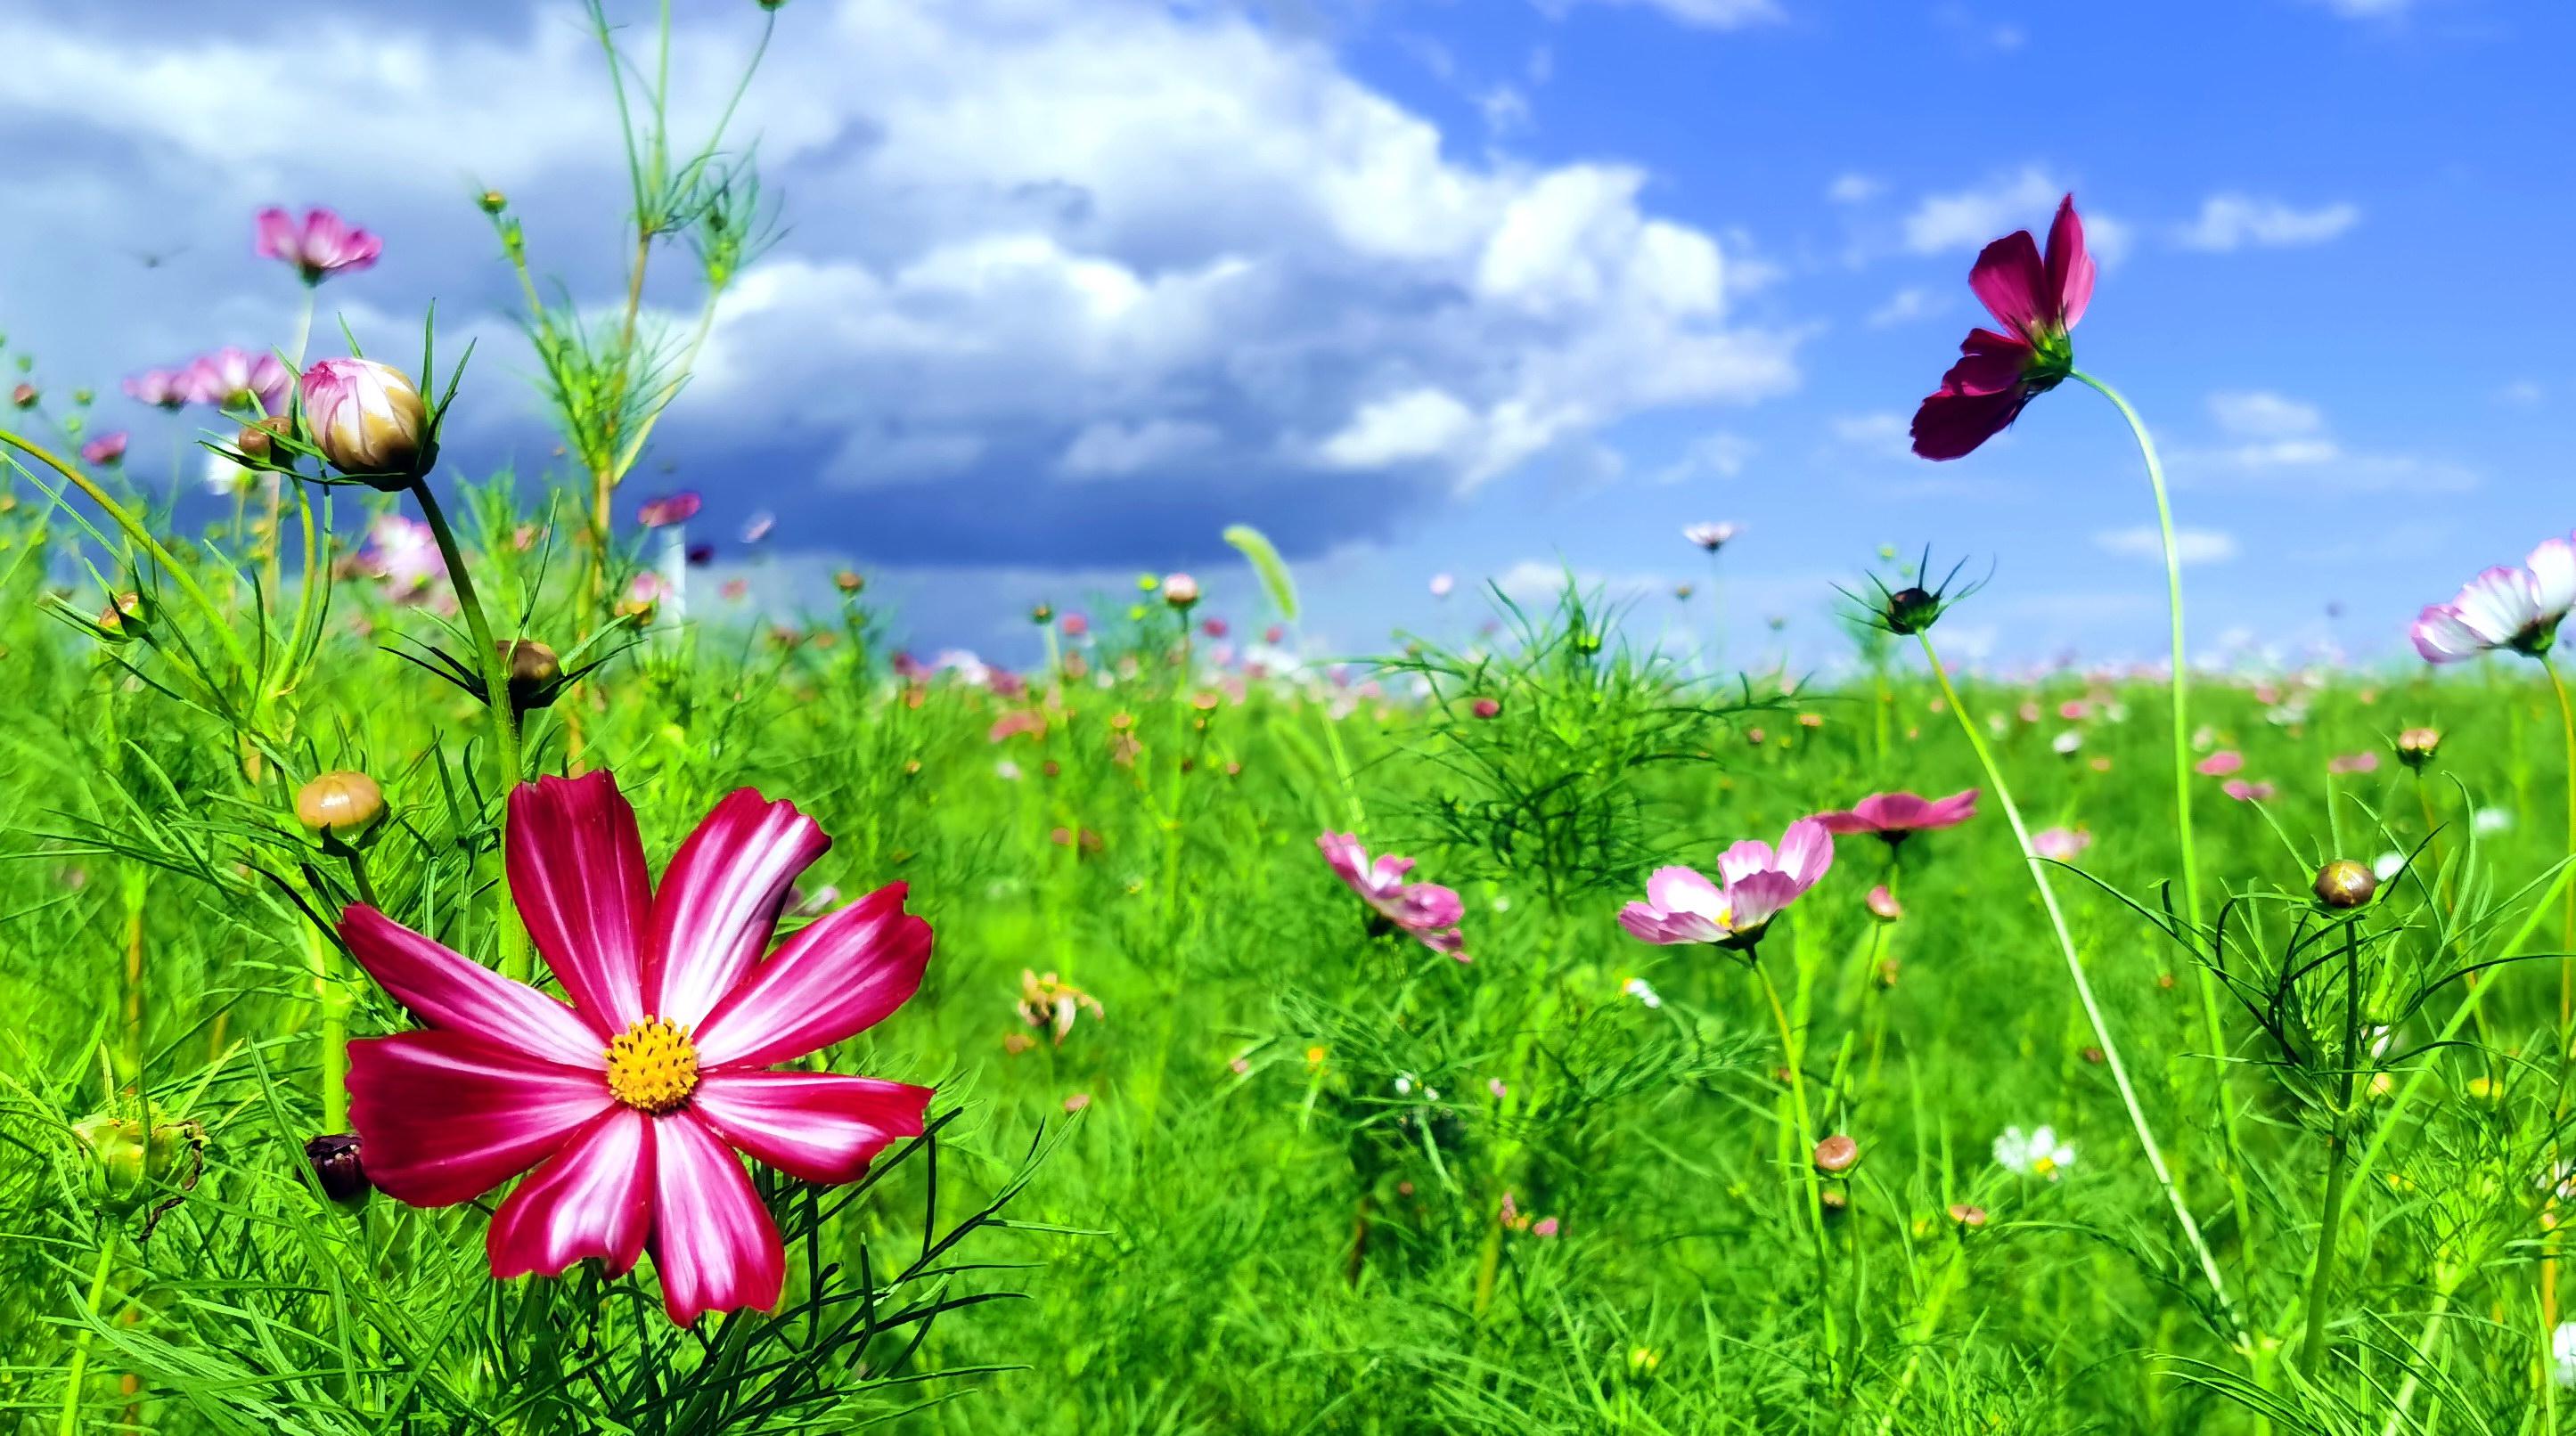 近日,哈尔滨江北大剧院附近滨水大道和松花江之间,一大片花海竞相盛开,白色、粉色、红色、蓝色的格桑花相互簇拥,美不胜收。